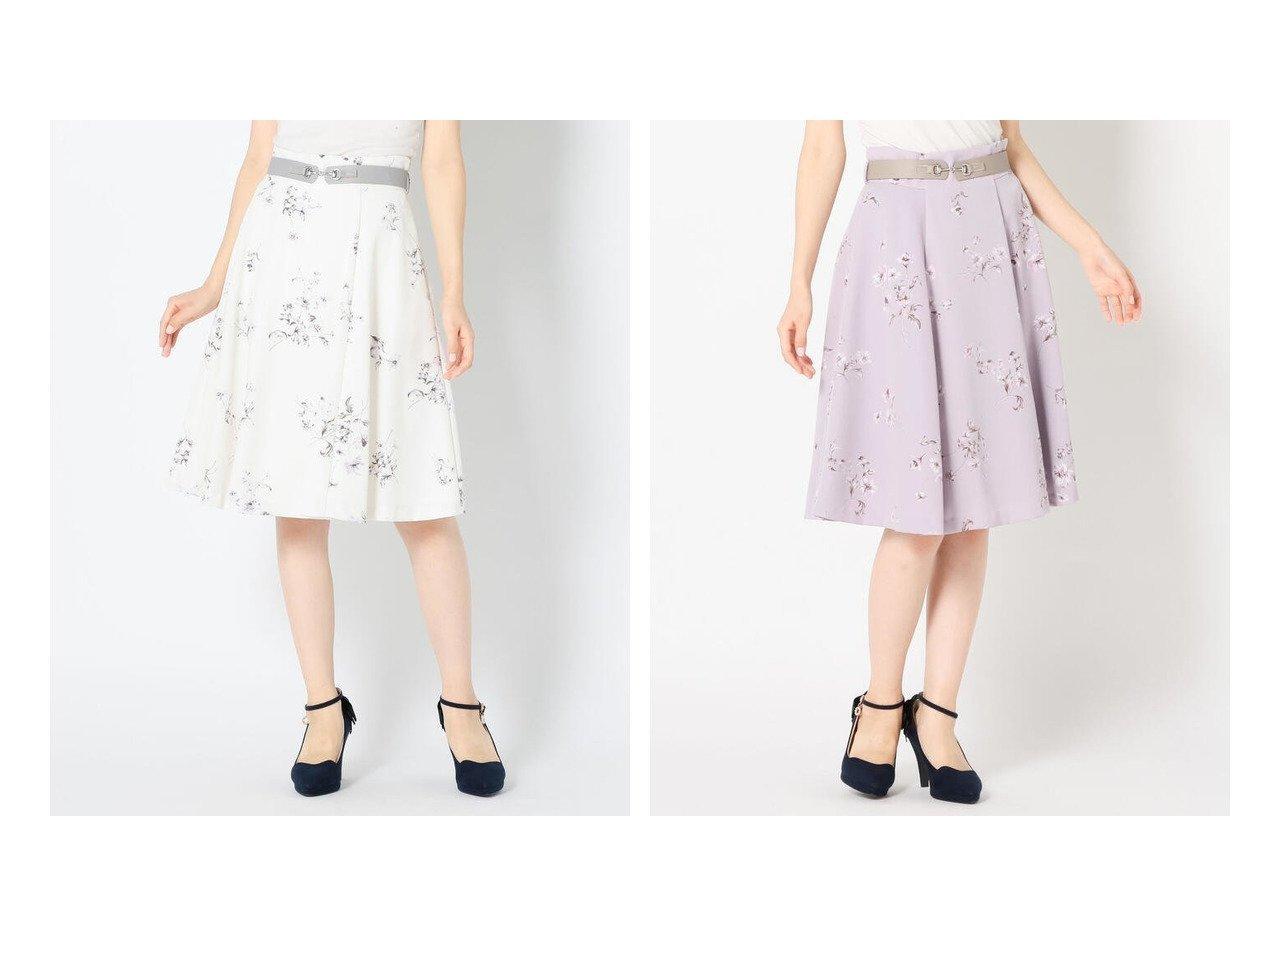 【MISCH MASCH/ミッシュマッシュ】の《田中みな実さん着用》ビットベルト付き花柄スカート スカートのおすすめ!人気、レディースファッションの通販 おすすめで人気のファッション通販商品 インテリア・家具・キッズファッション・メンズファッション・レディースファッション・服の通販 founy(ファニー) https://founy.com/ ファッションモデル・俳優・女優 Models 女性 Women 田中みな実 Tanaka Minami ファッション Fashion レディース WOMEN スカート Skirt Aライン/フレアスカート Flared A-Line Skirts ベルト Belts ギャザー フラワー フレア  ID:crp329100000001471